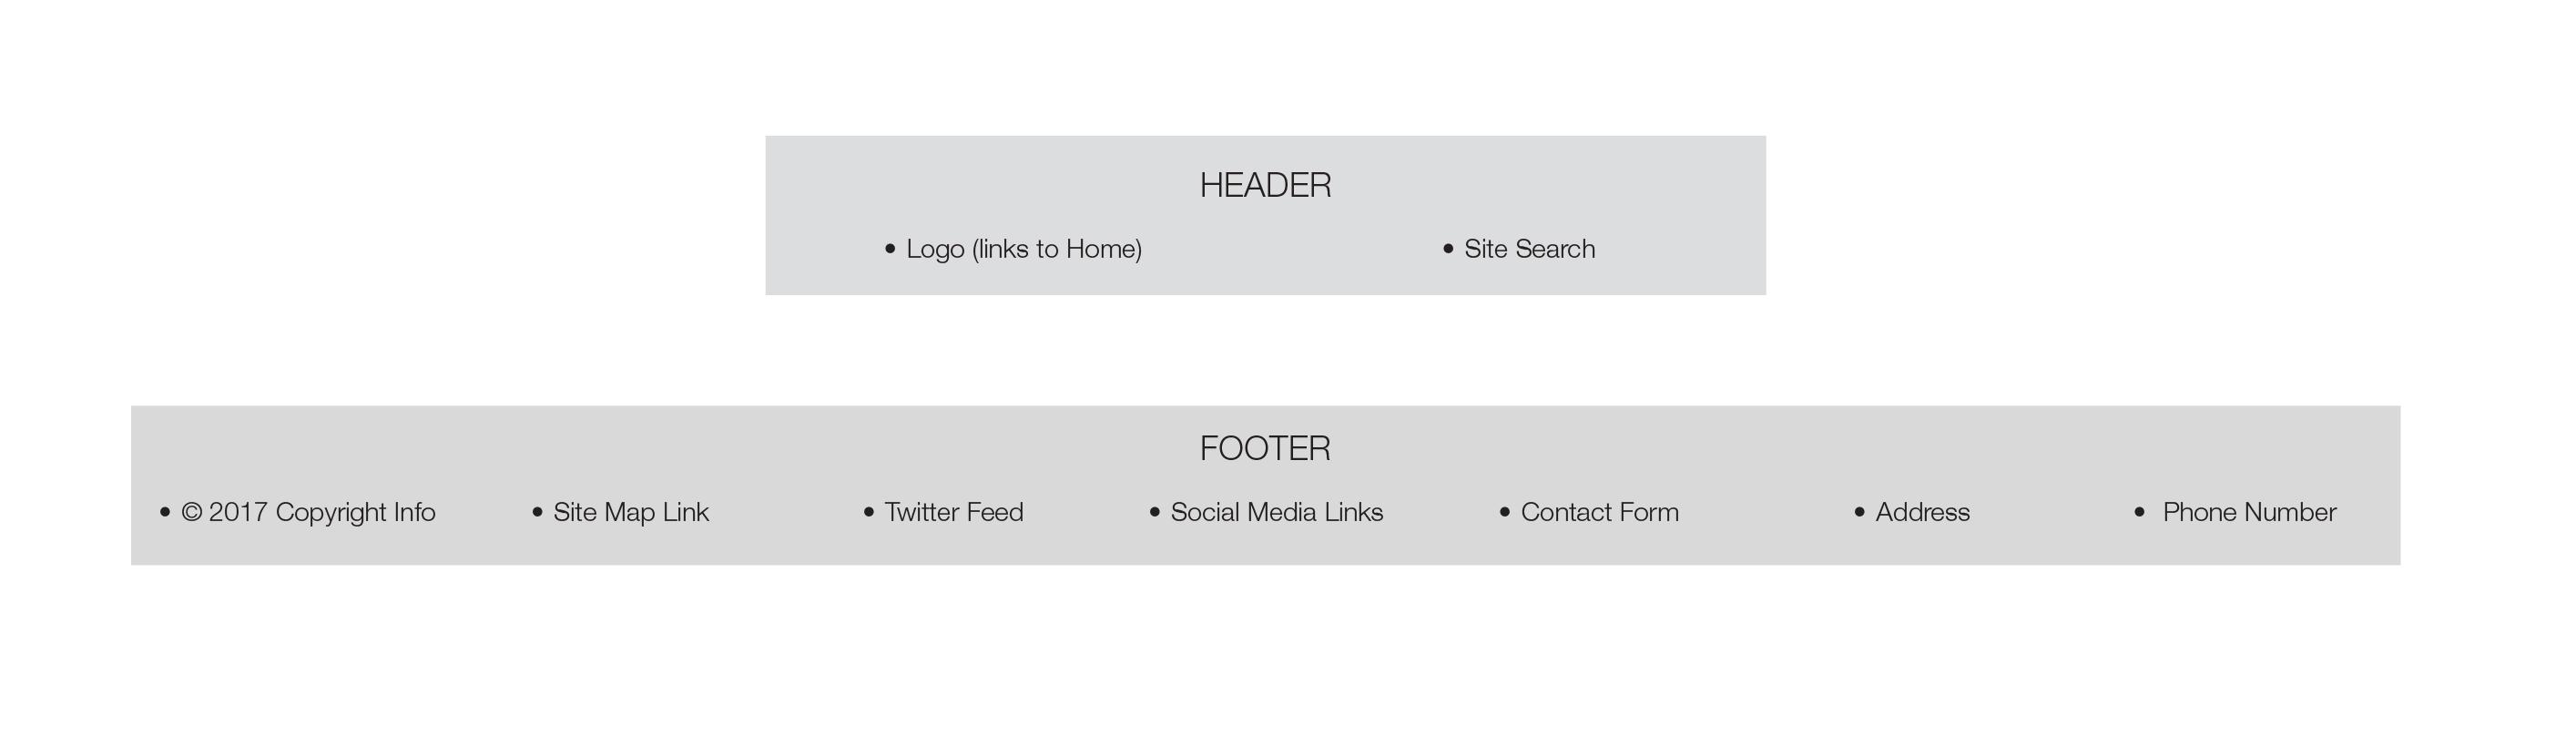 Header-Footer